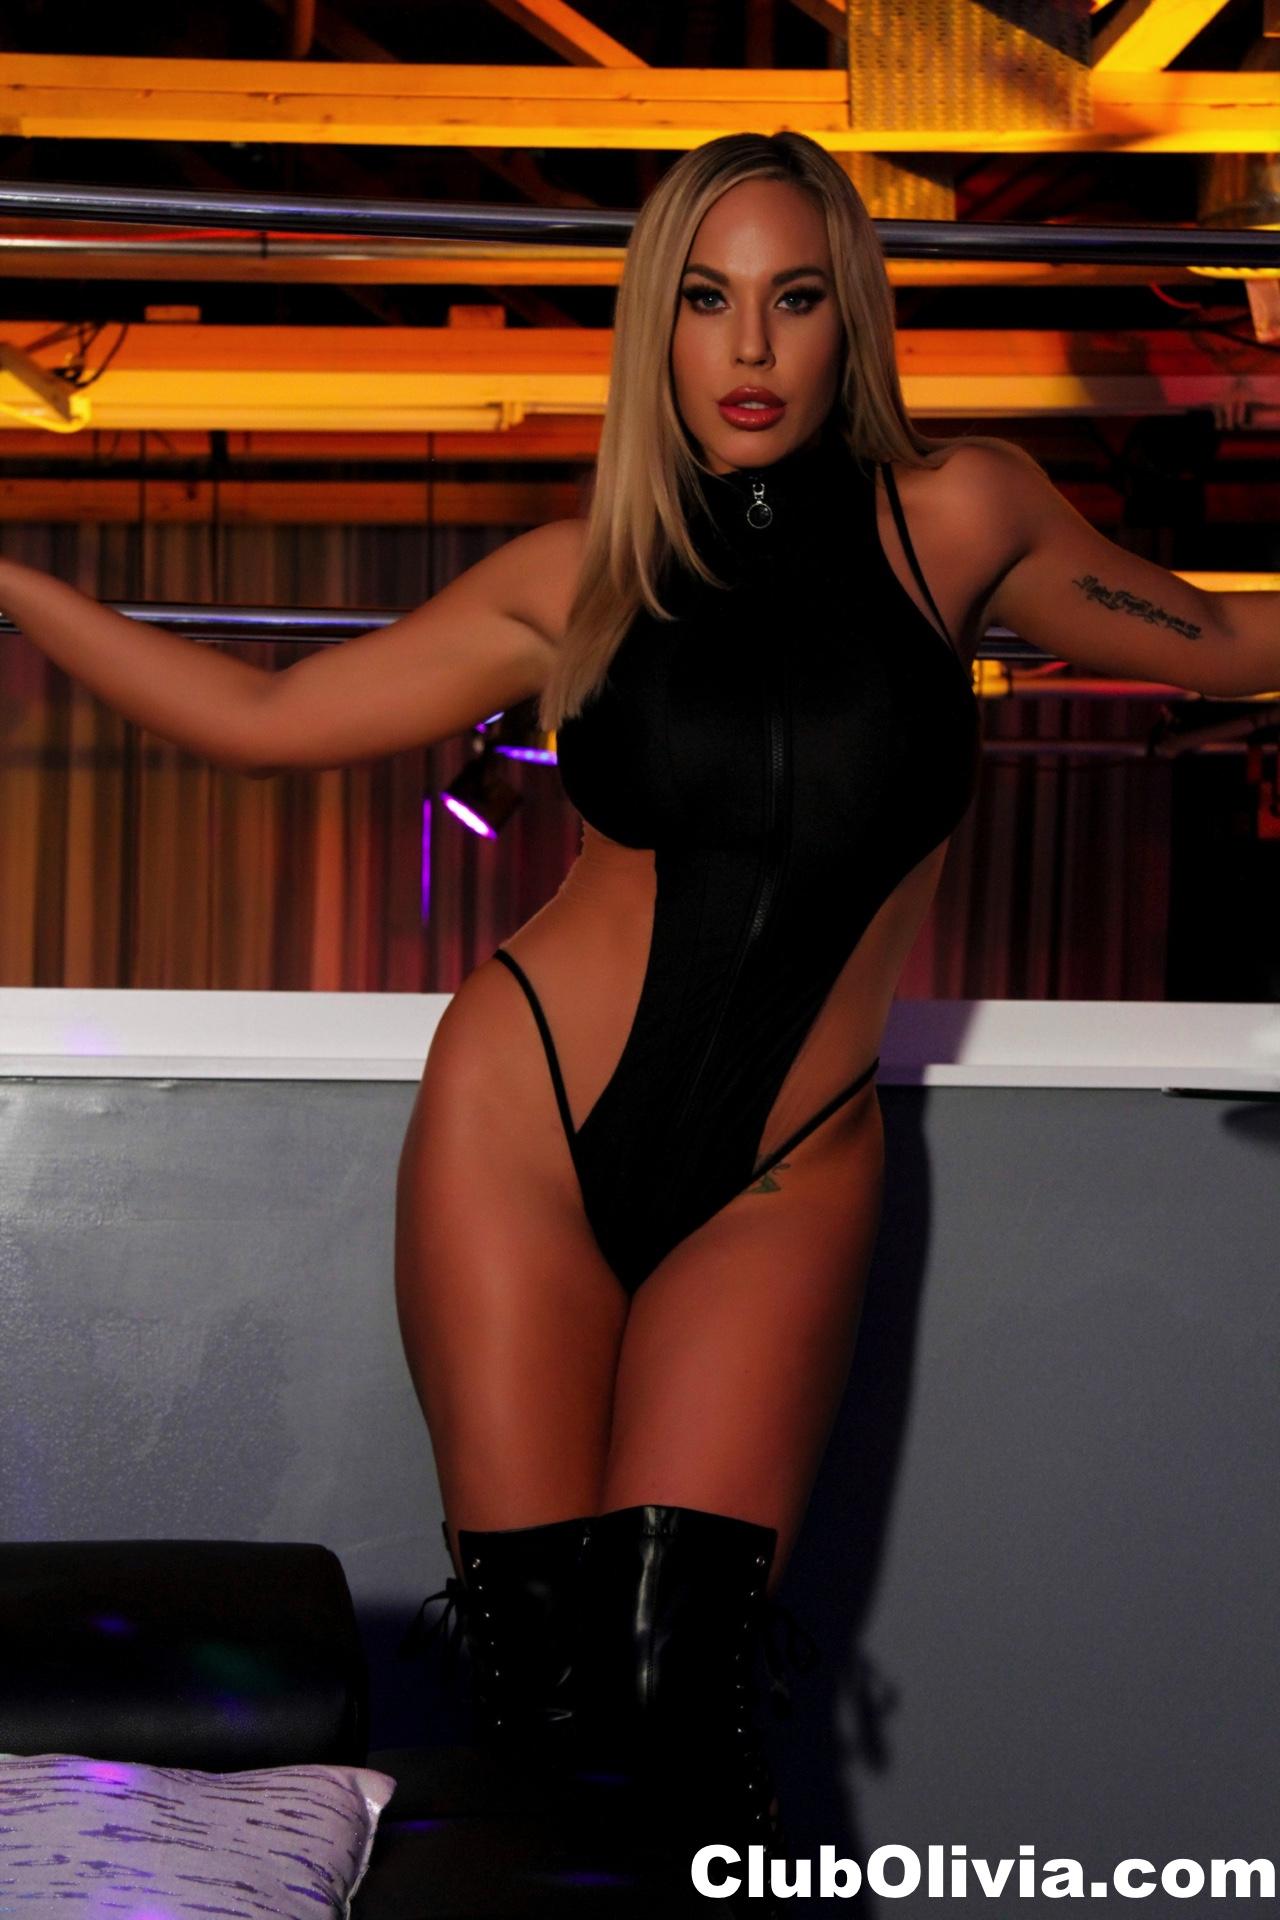 Olivia Austin Big Tit Blonde at the Strip Club